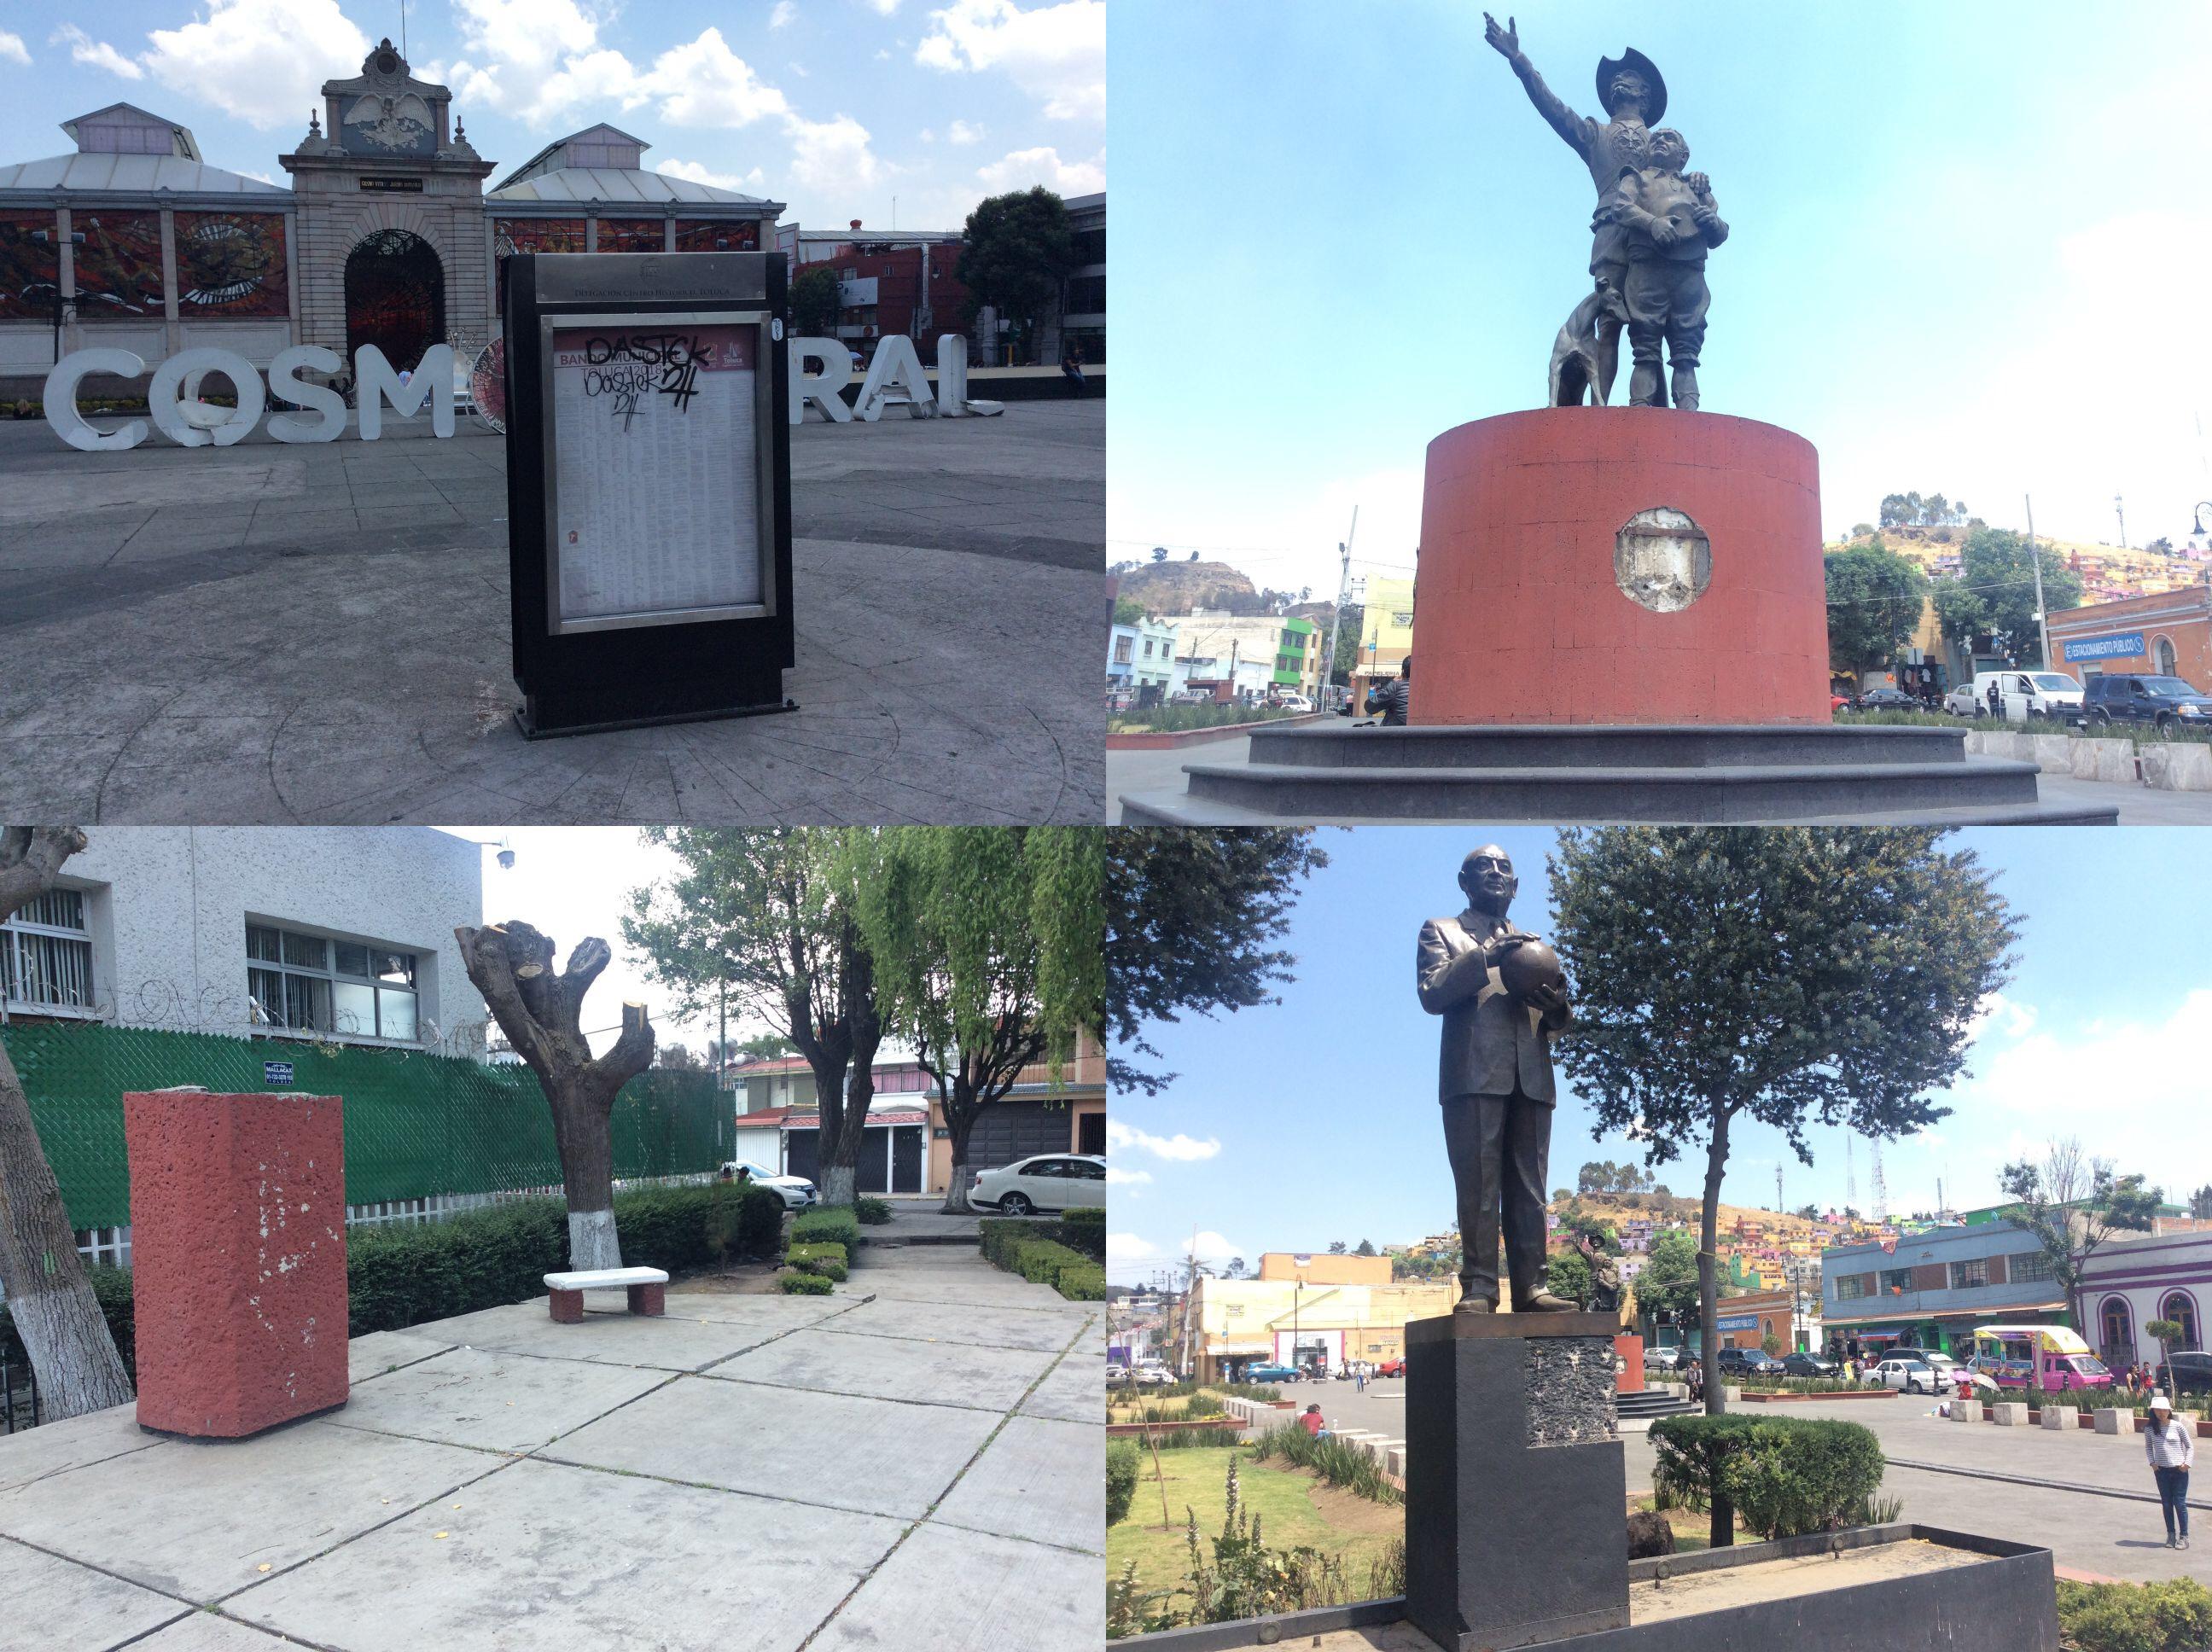 Repunta vandalismo en Toluca, ahora desvalijan esculturas